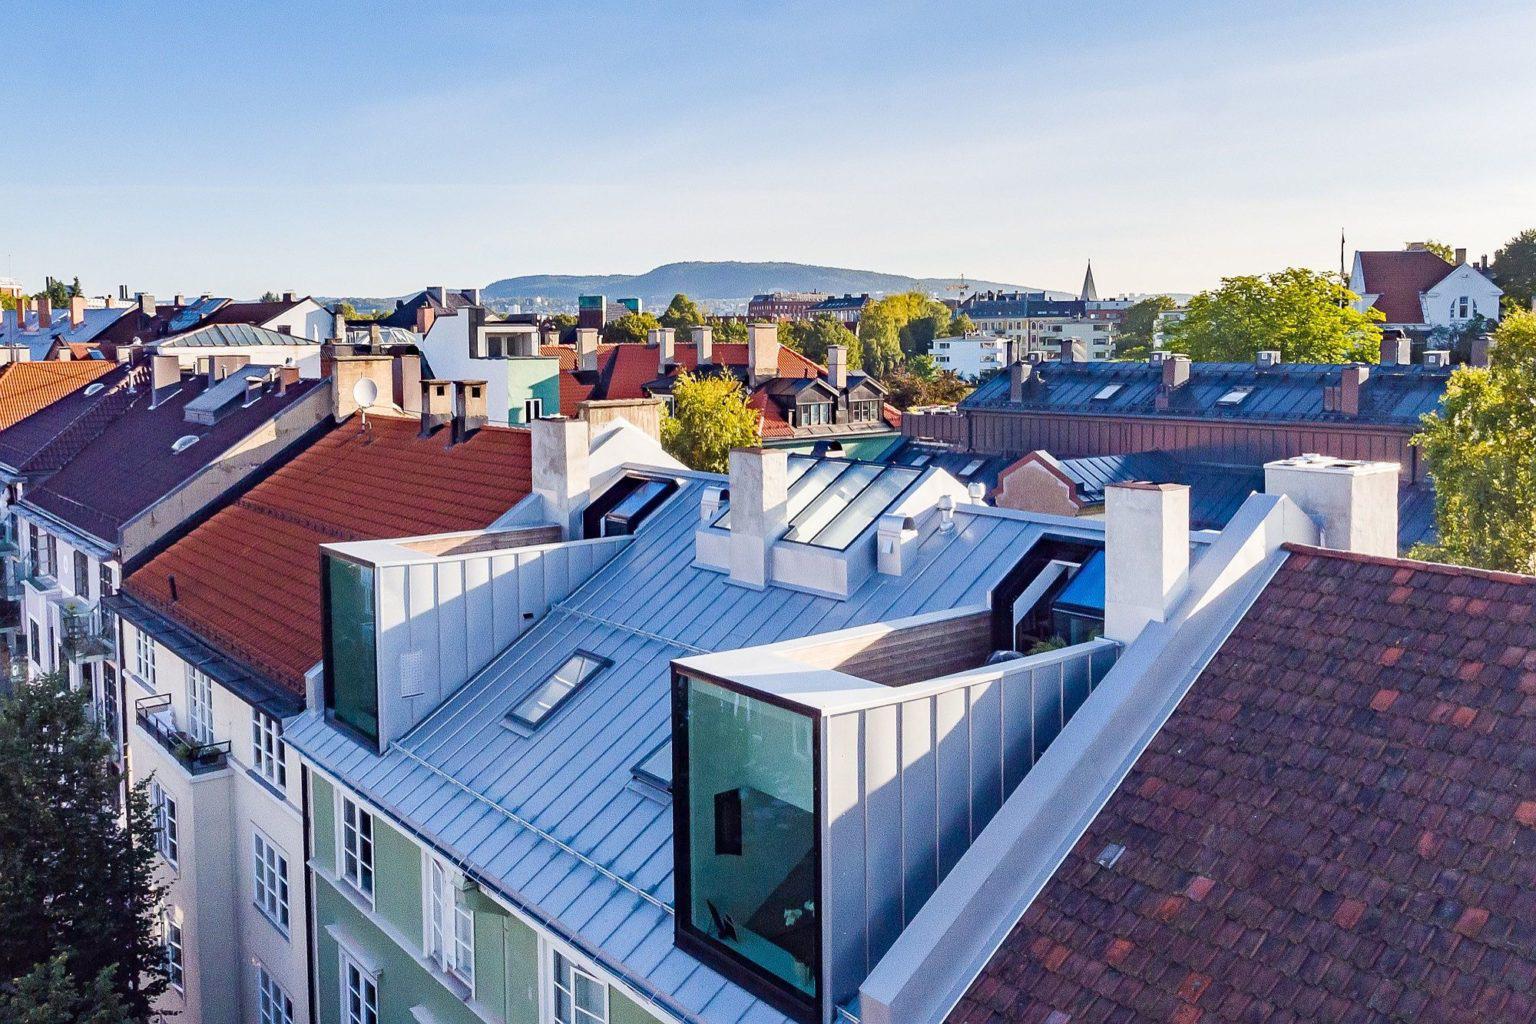 Biến hóa gác xép cũ ở thành phố Oslo thành căn hộ hiện đại, xinh xắn mới thấy bạn đã phải chết mê - Ảnh 4.